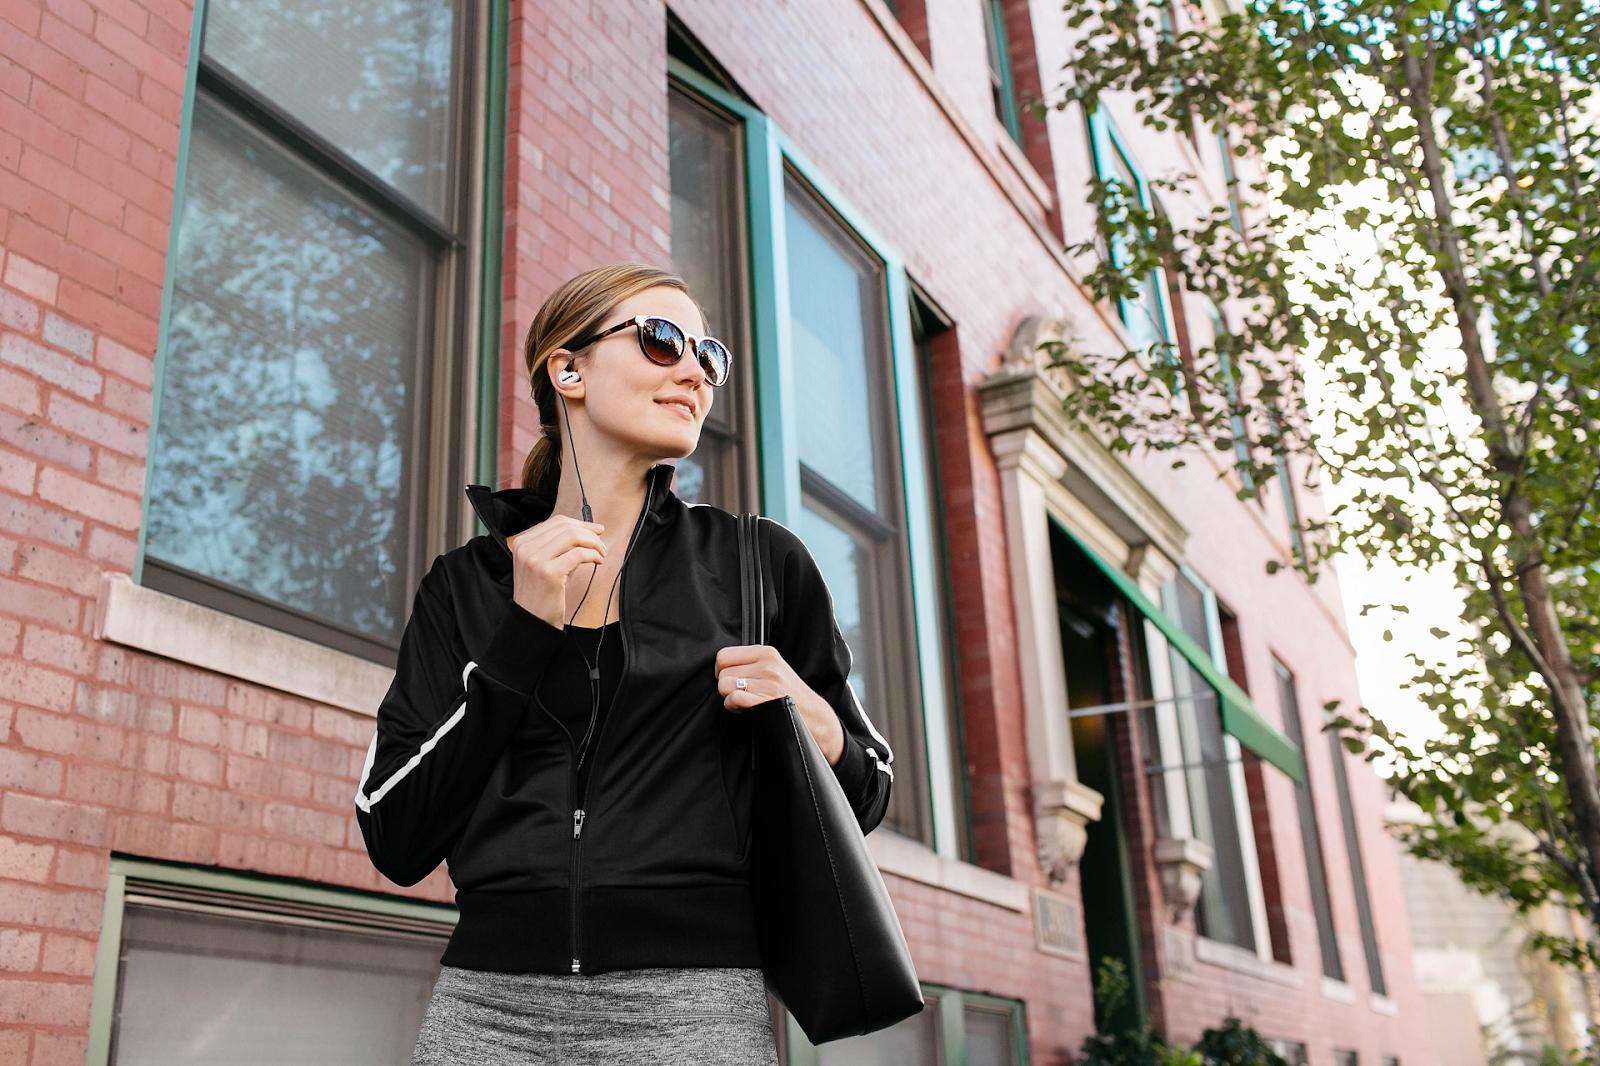 woman walking down street wearing shure se425 in ear headphones